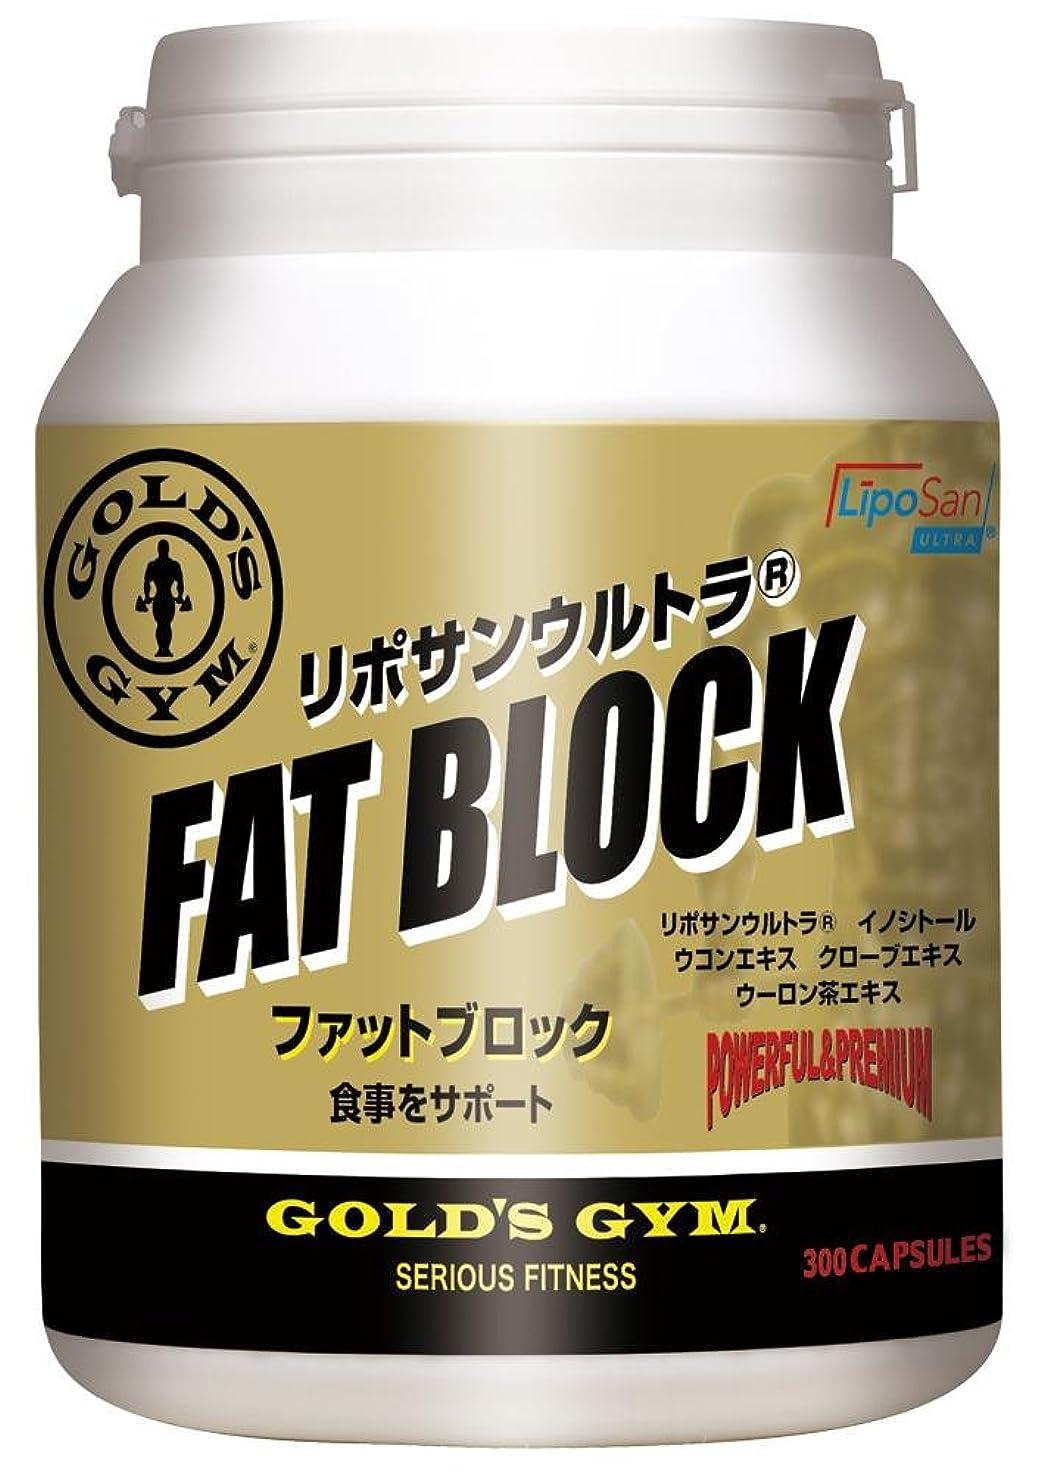 床を掃除するオーバーコートコンパイルゴールドジム(GOLD'S GYM) ファットブロック 300粒